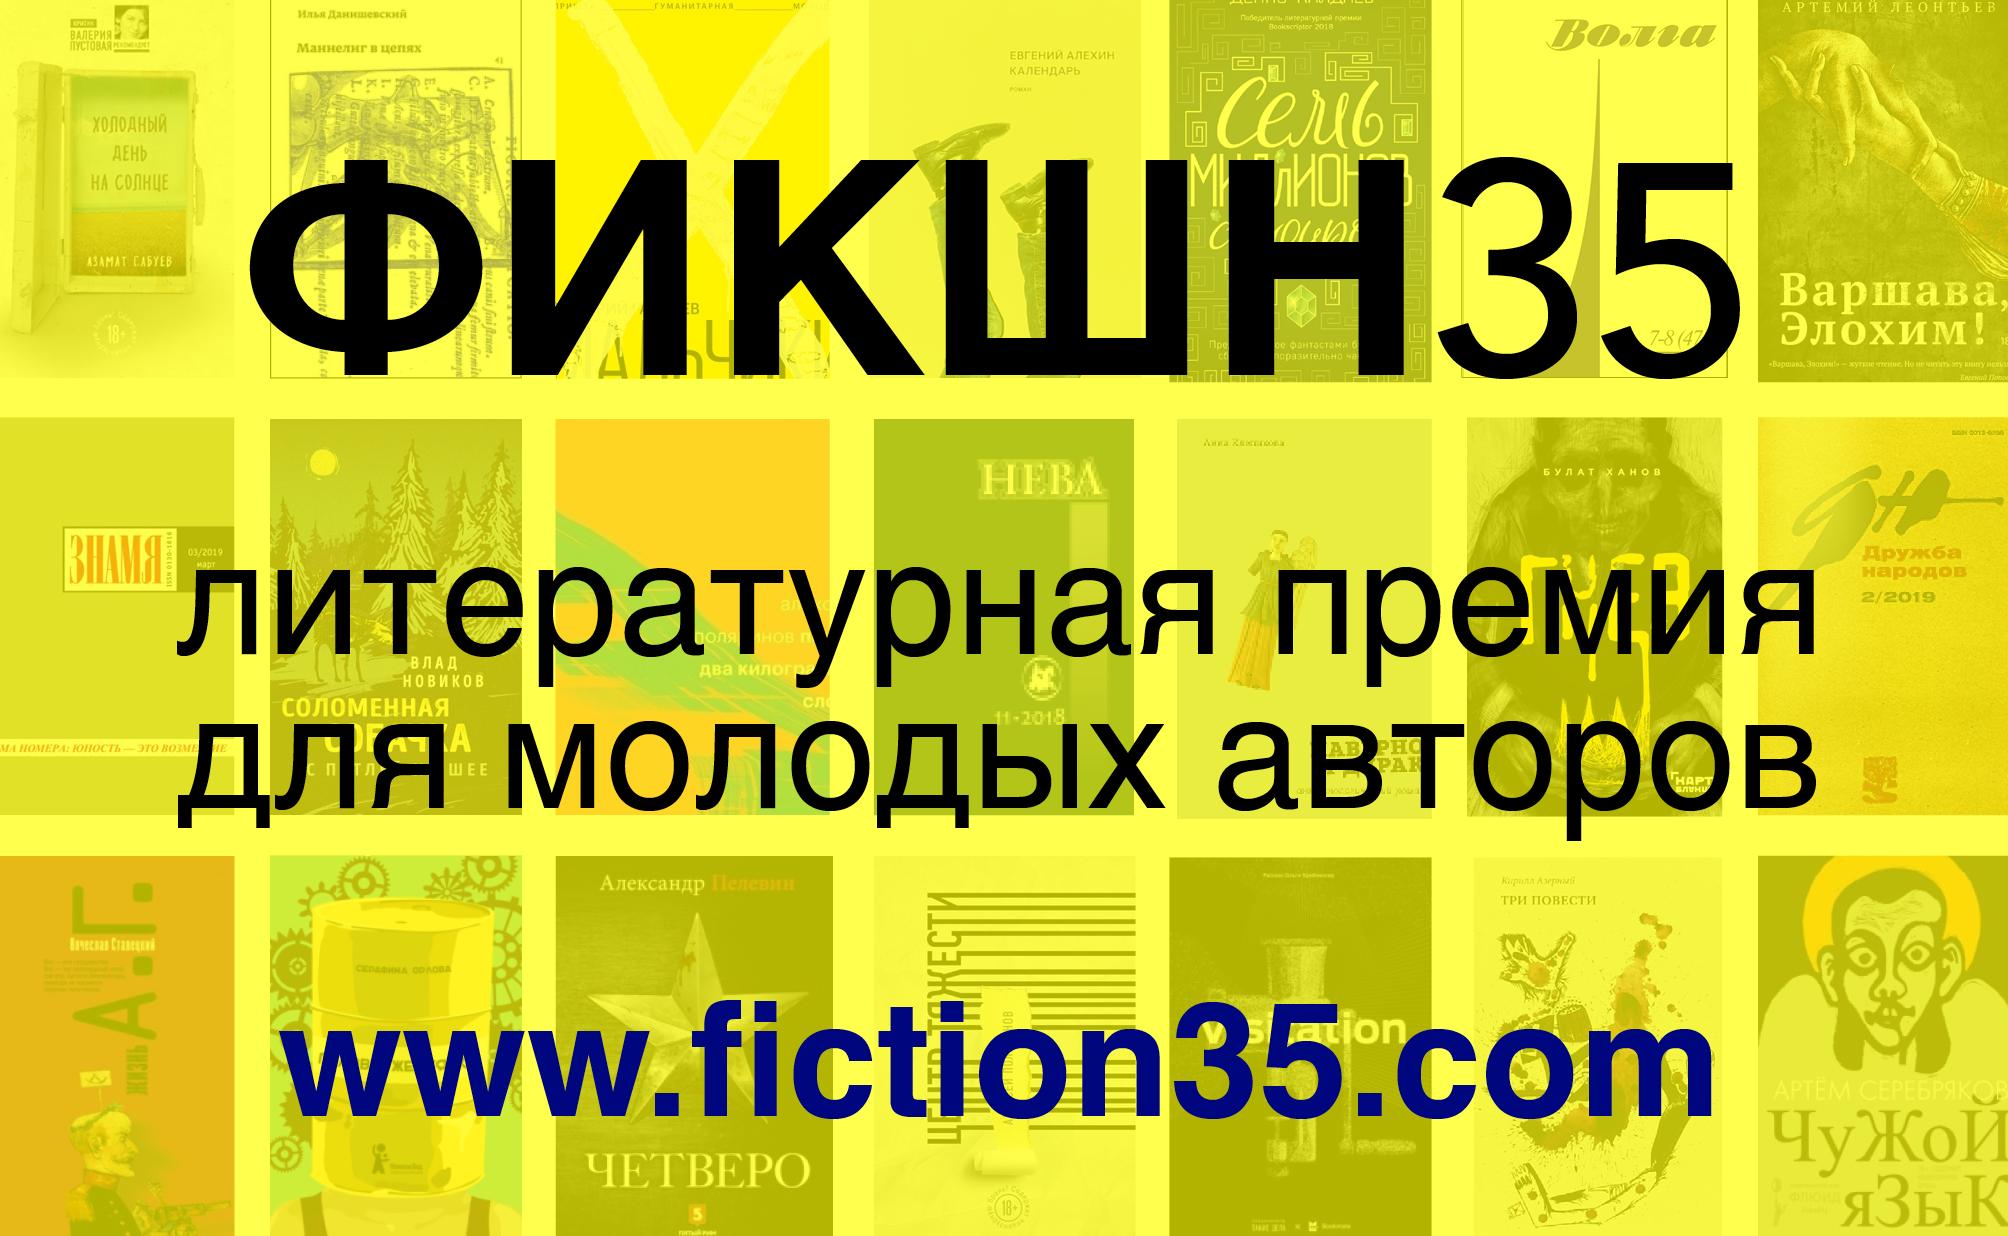 Литературная премия ФИКШН35